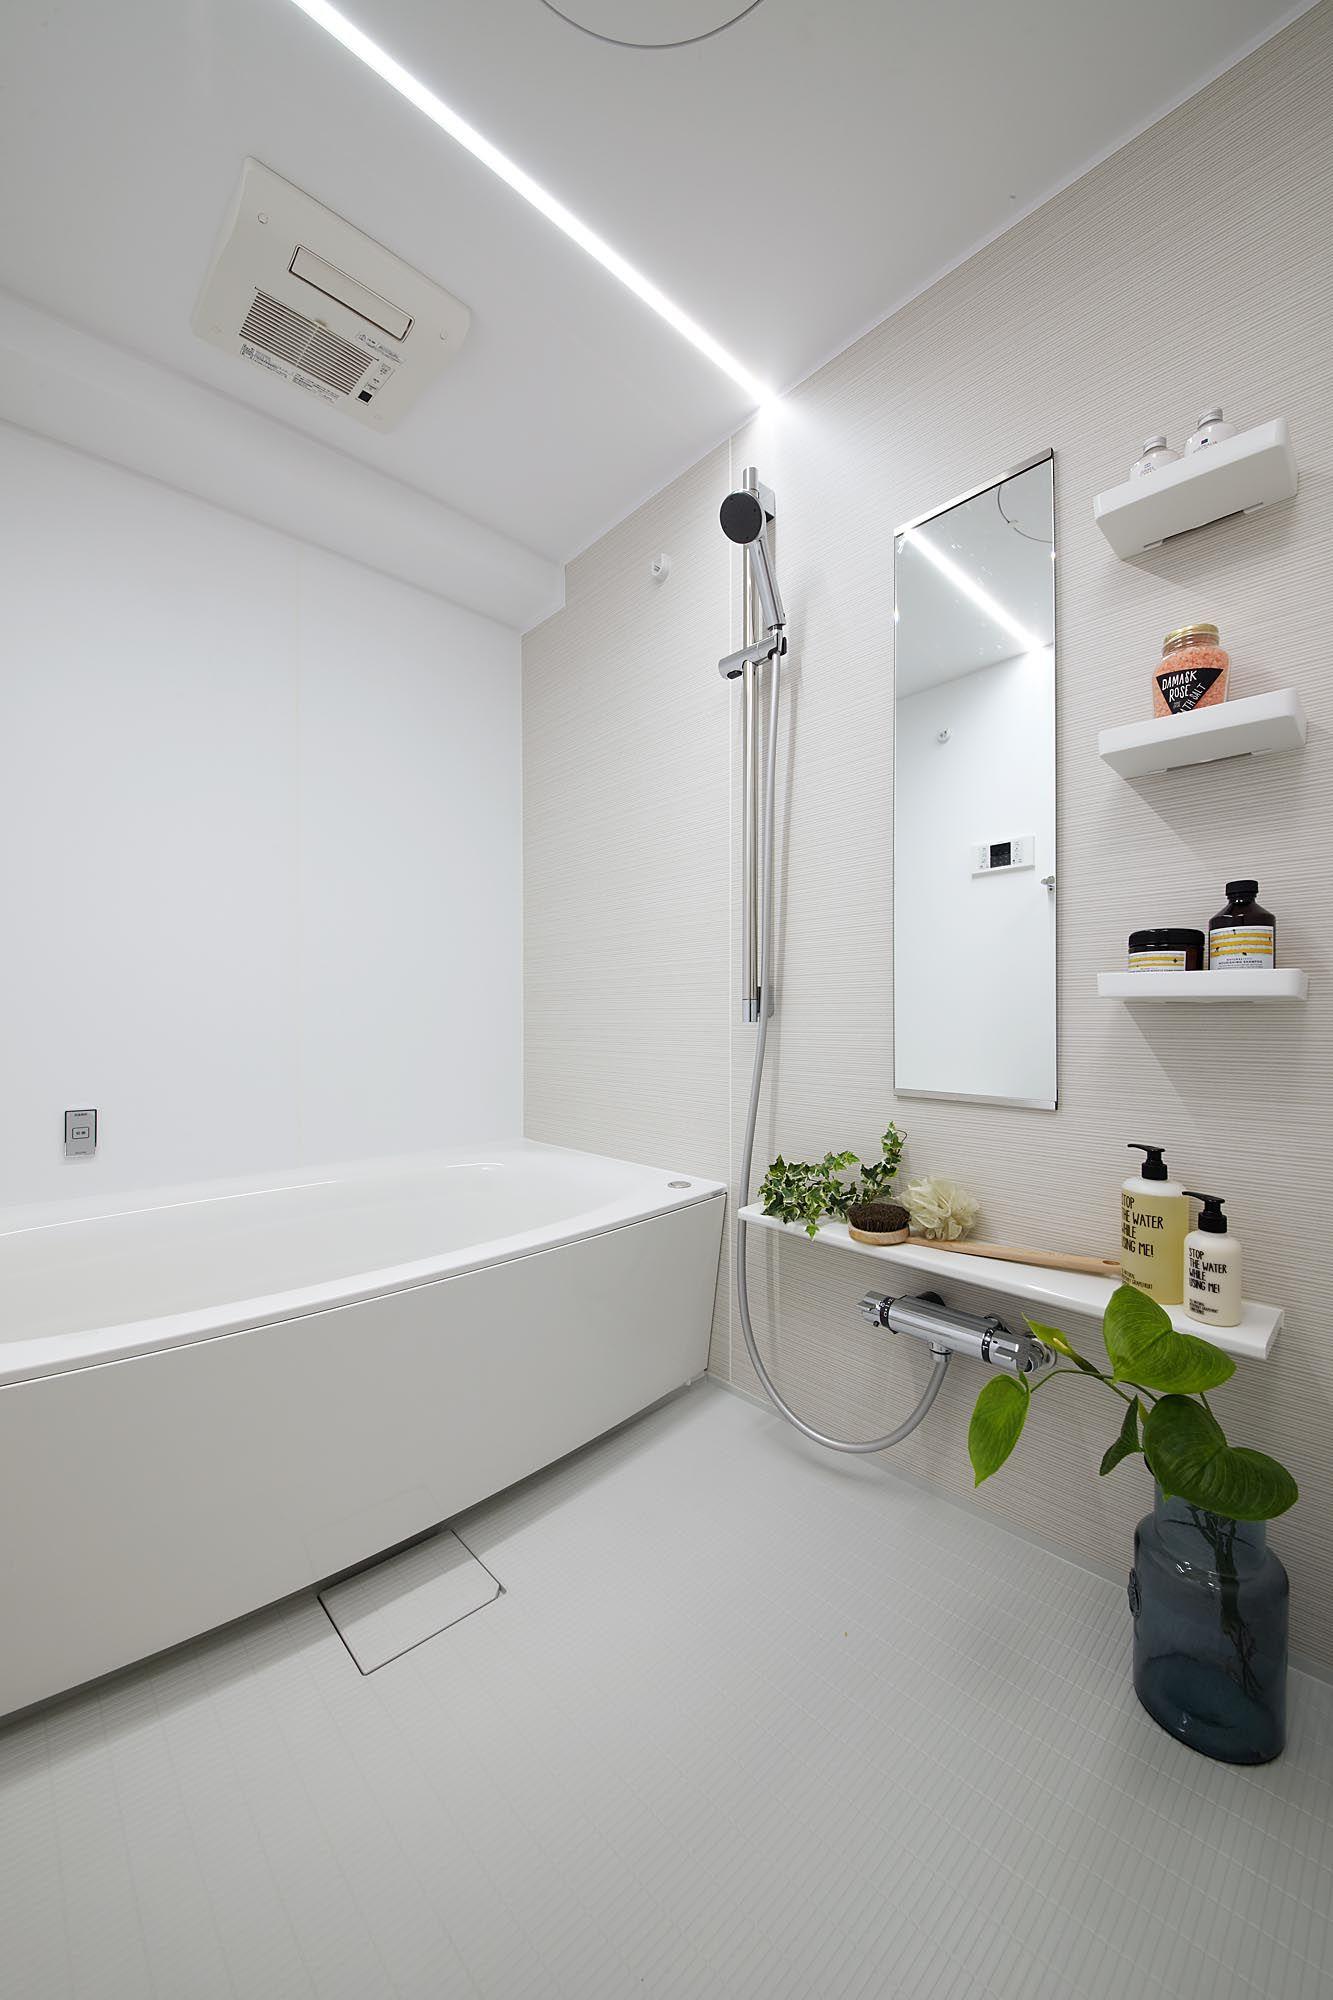 Ledライン照明の浴室 浴室 ユニットバス リフォーム 日吉 東急